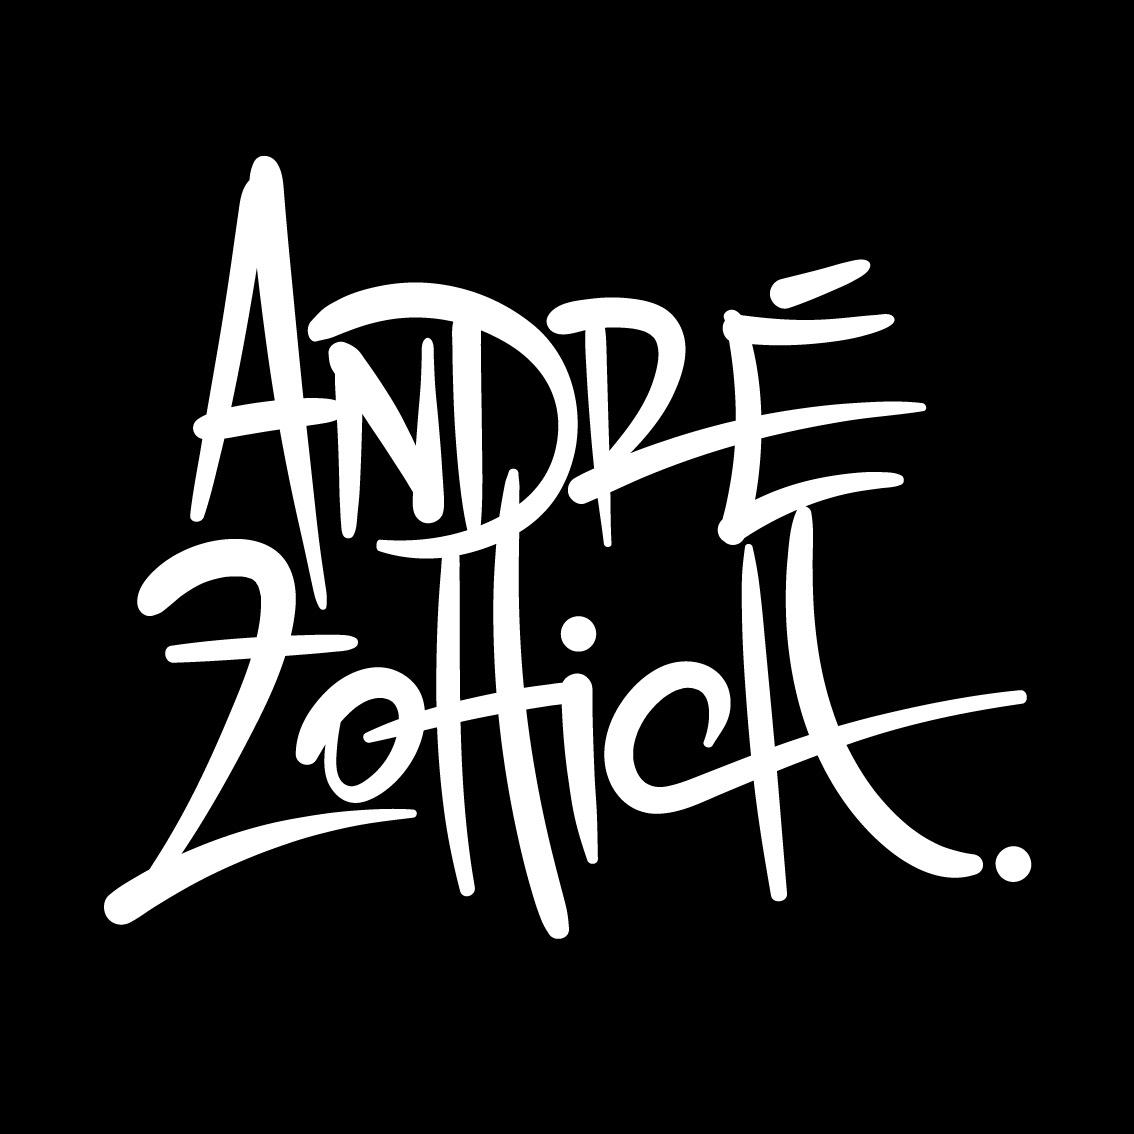 André Zottich